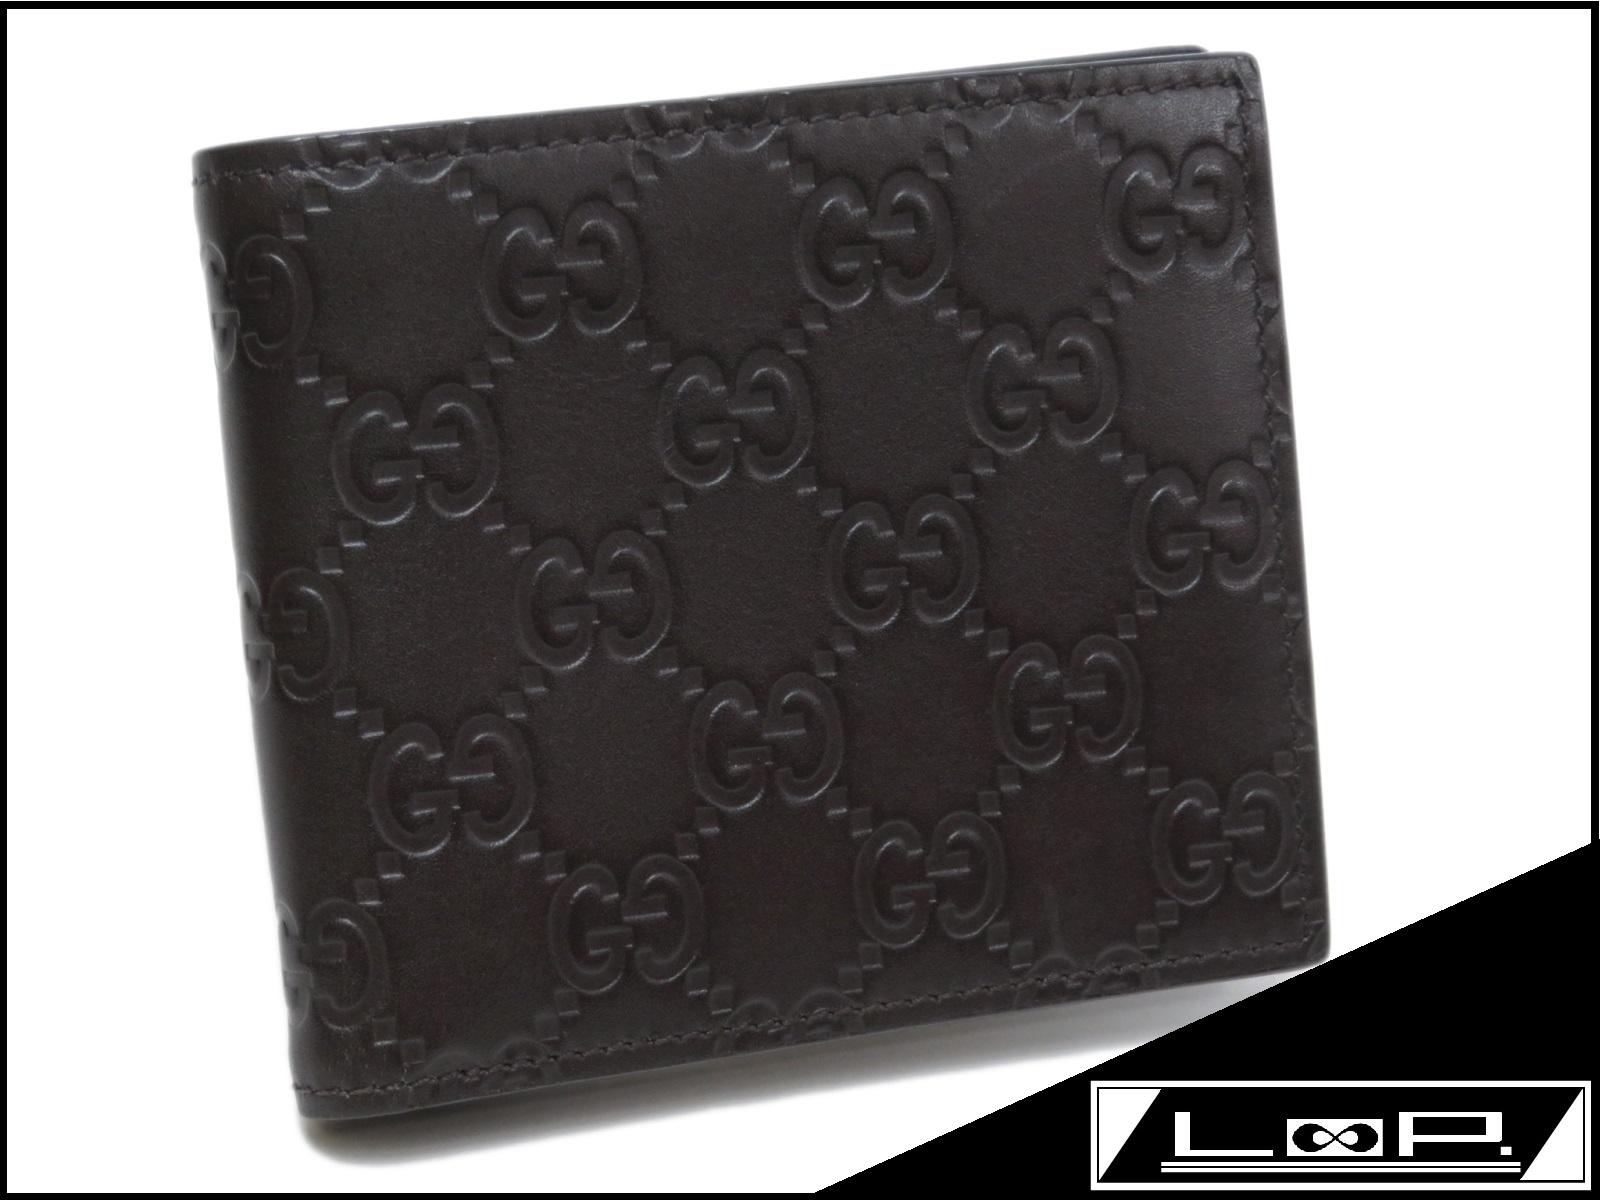 【GUCCI】 グッチ 二つ折り 財布 サイフ シマ カーフ レザー ブラウン 茶 365467 【A24471】 【中古】